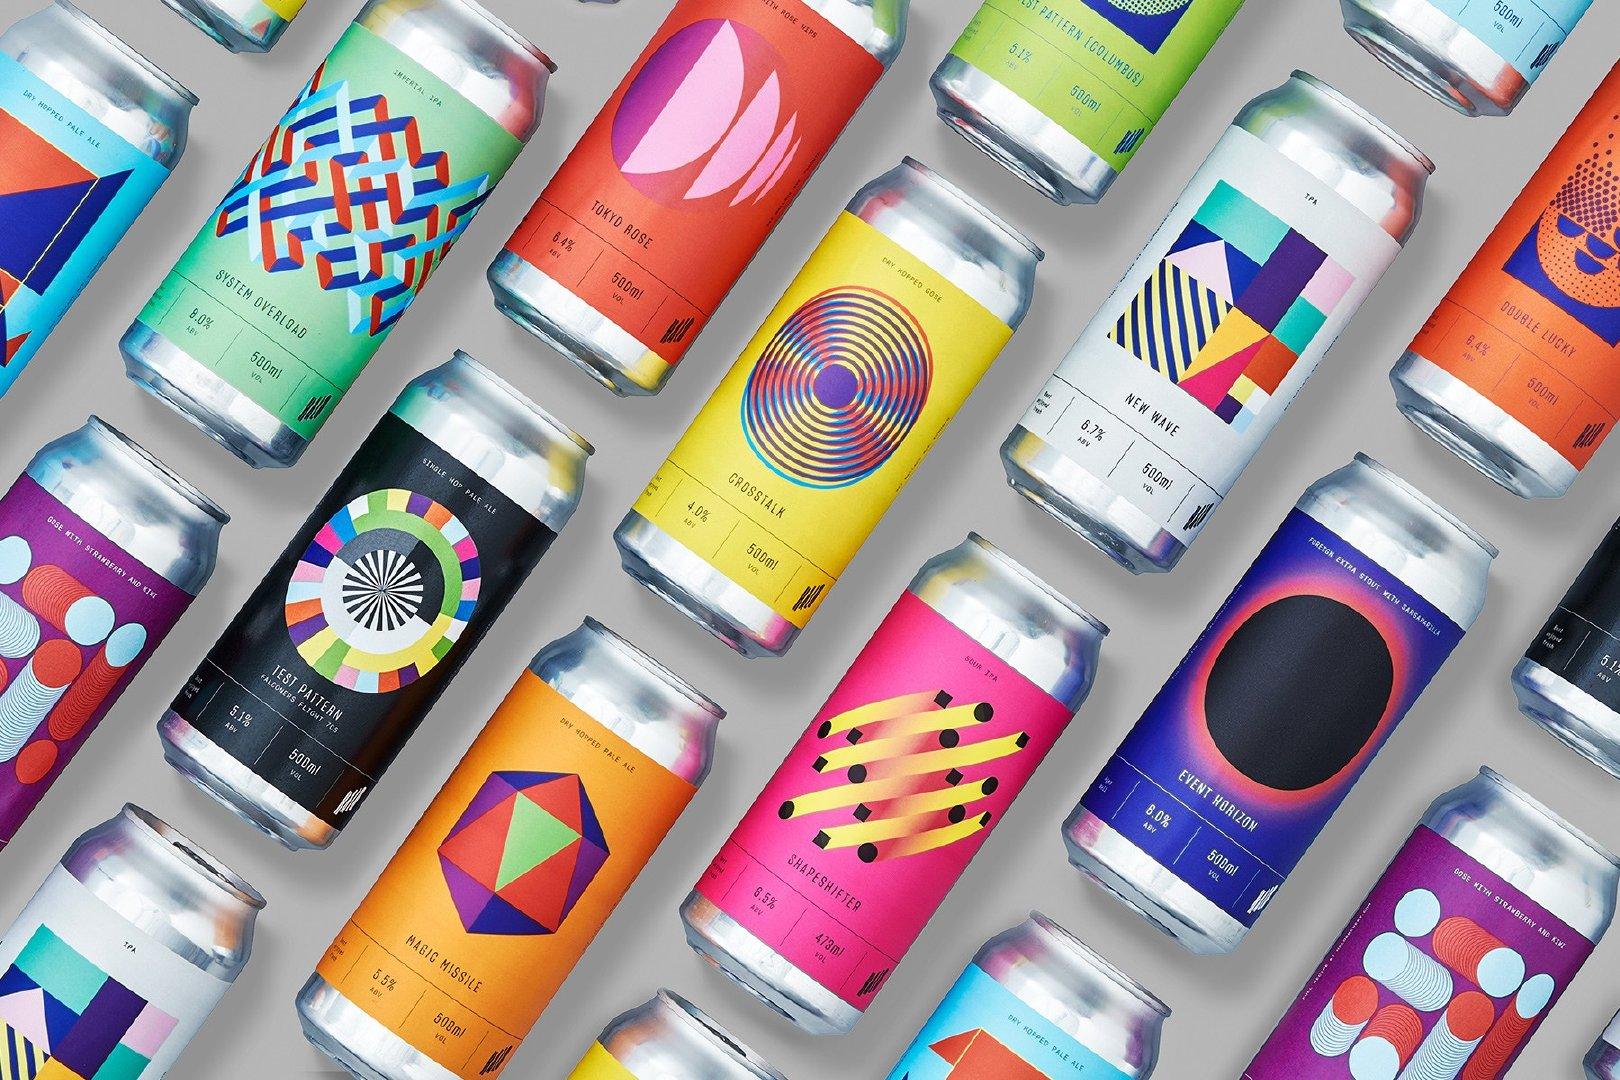 活力现代和叛逆感的几何图案 HALO啤酒包装设计